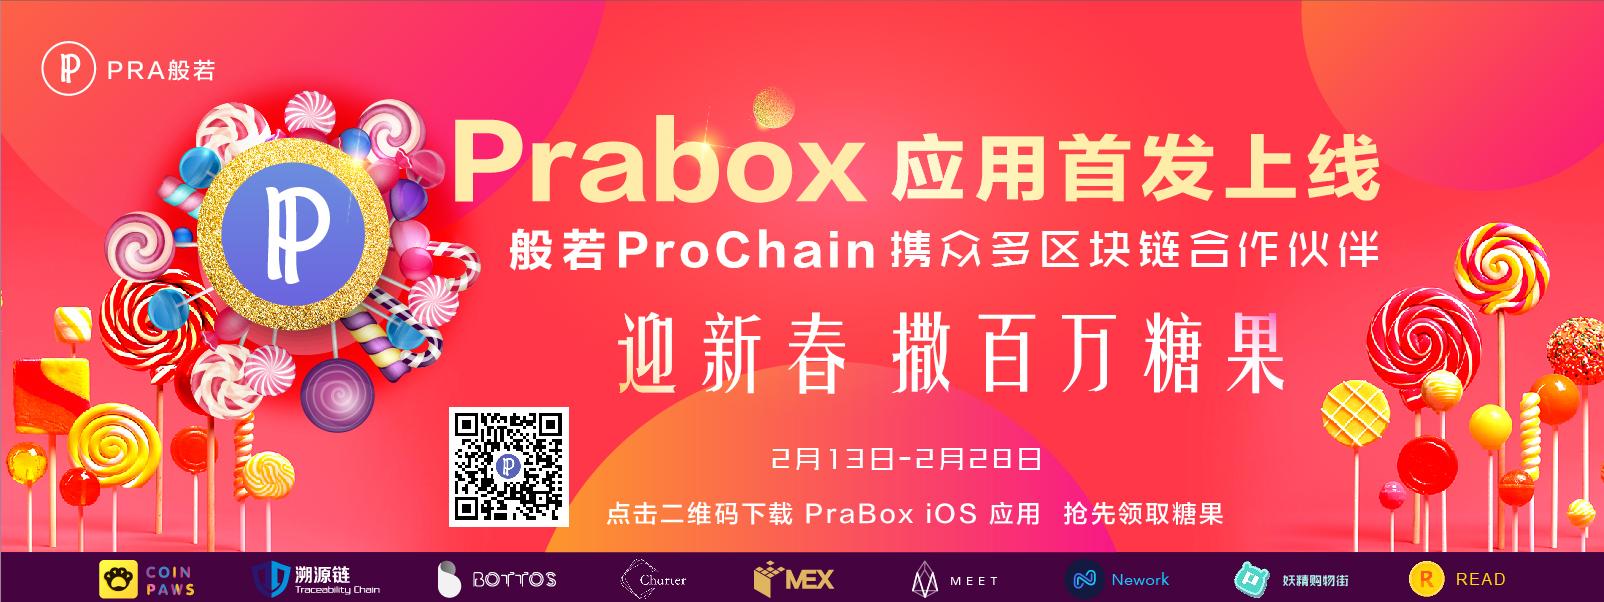 Prabox应用重磅上线 集合多个项目价值五百万糖果送币友